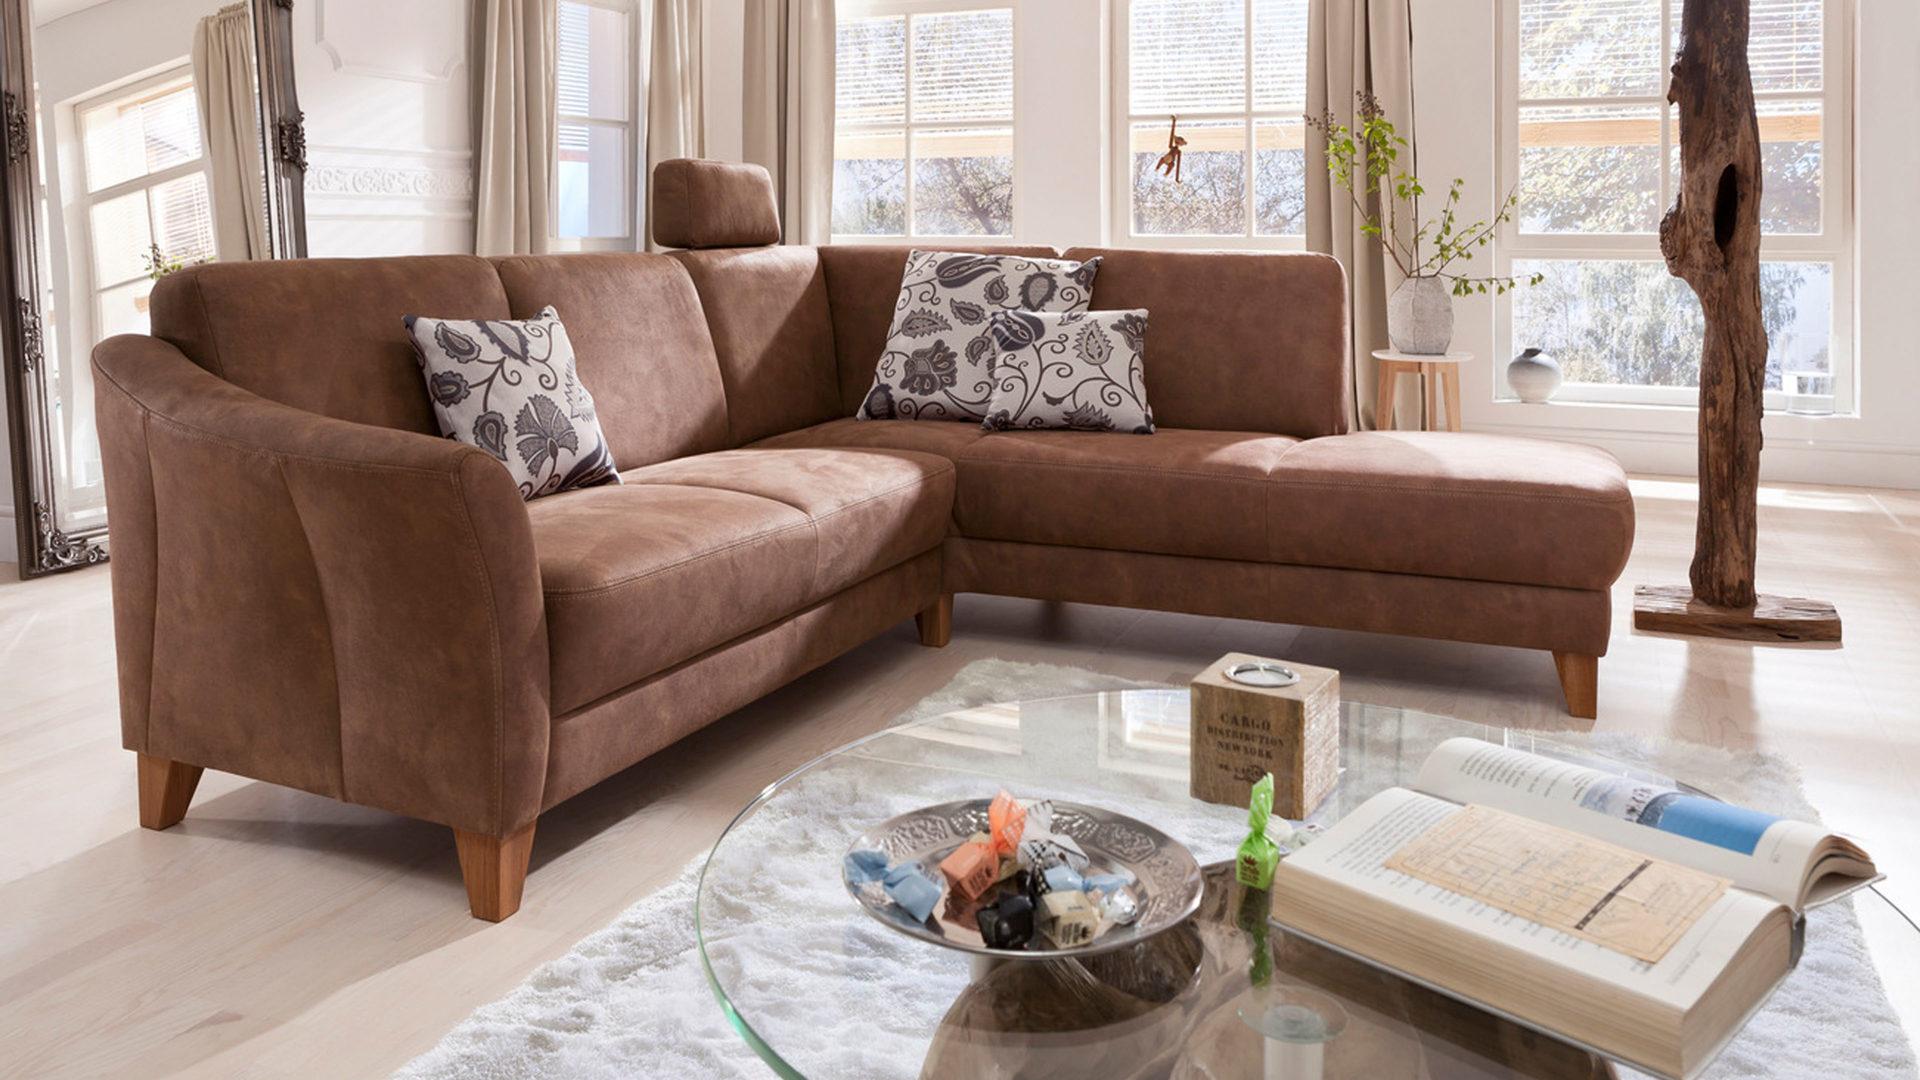 Möbel Busch | Räume | Wohnzimmer | Sofas + Couches | WOODS & TRENDS ...